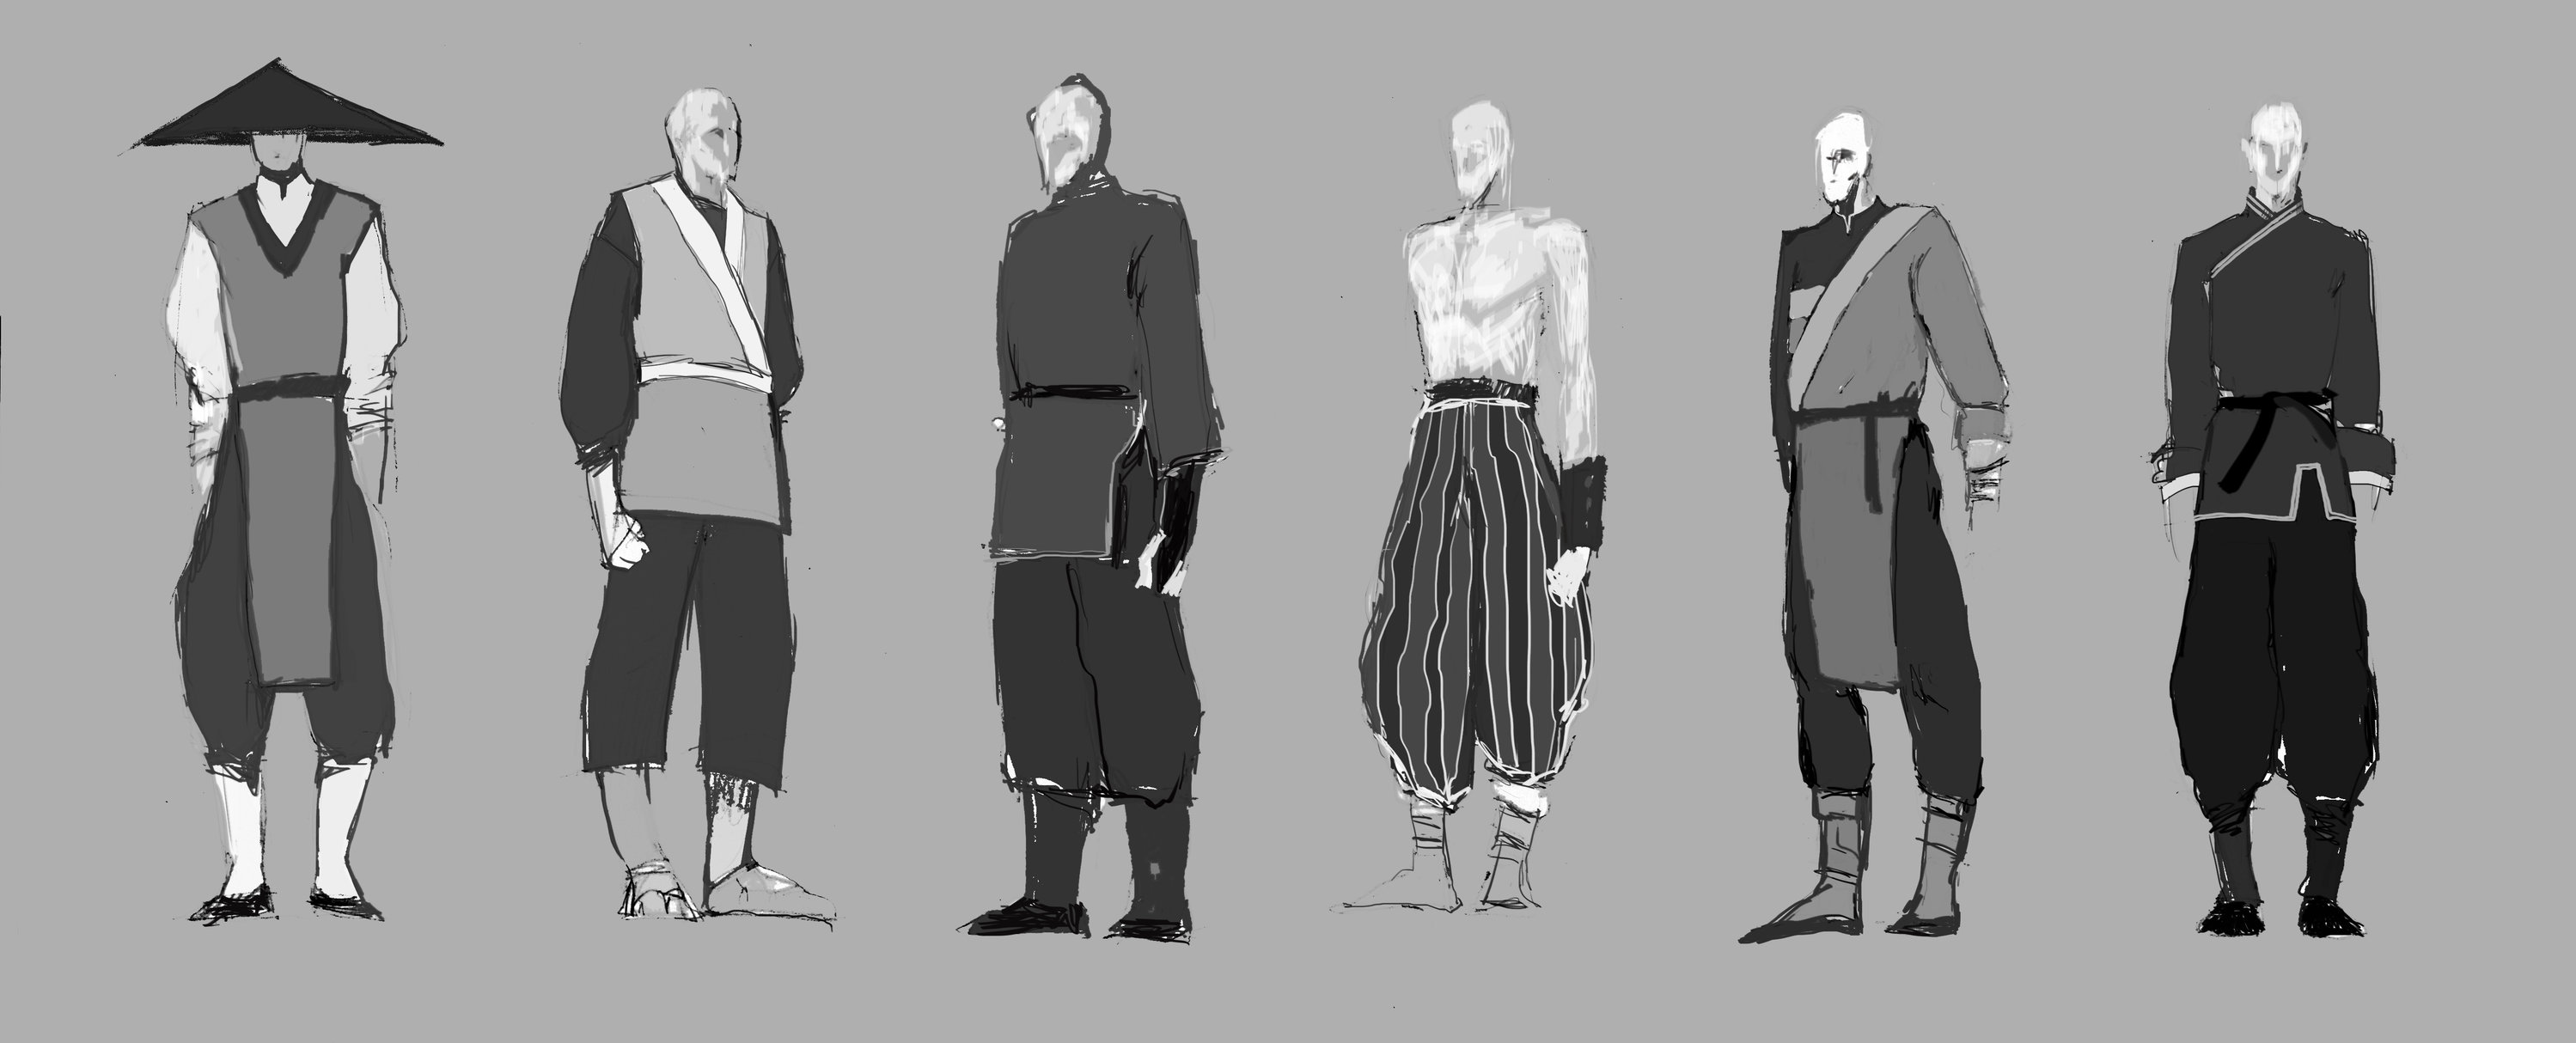 sketch62.jpg